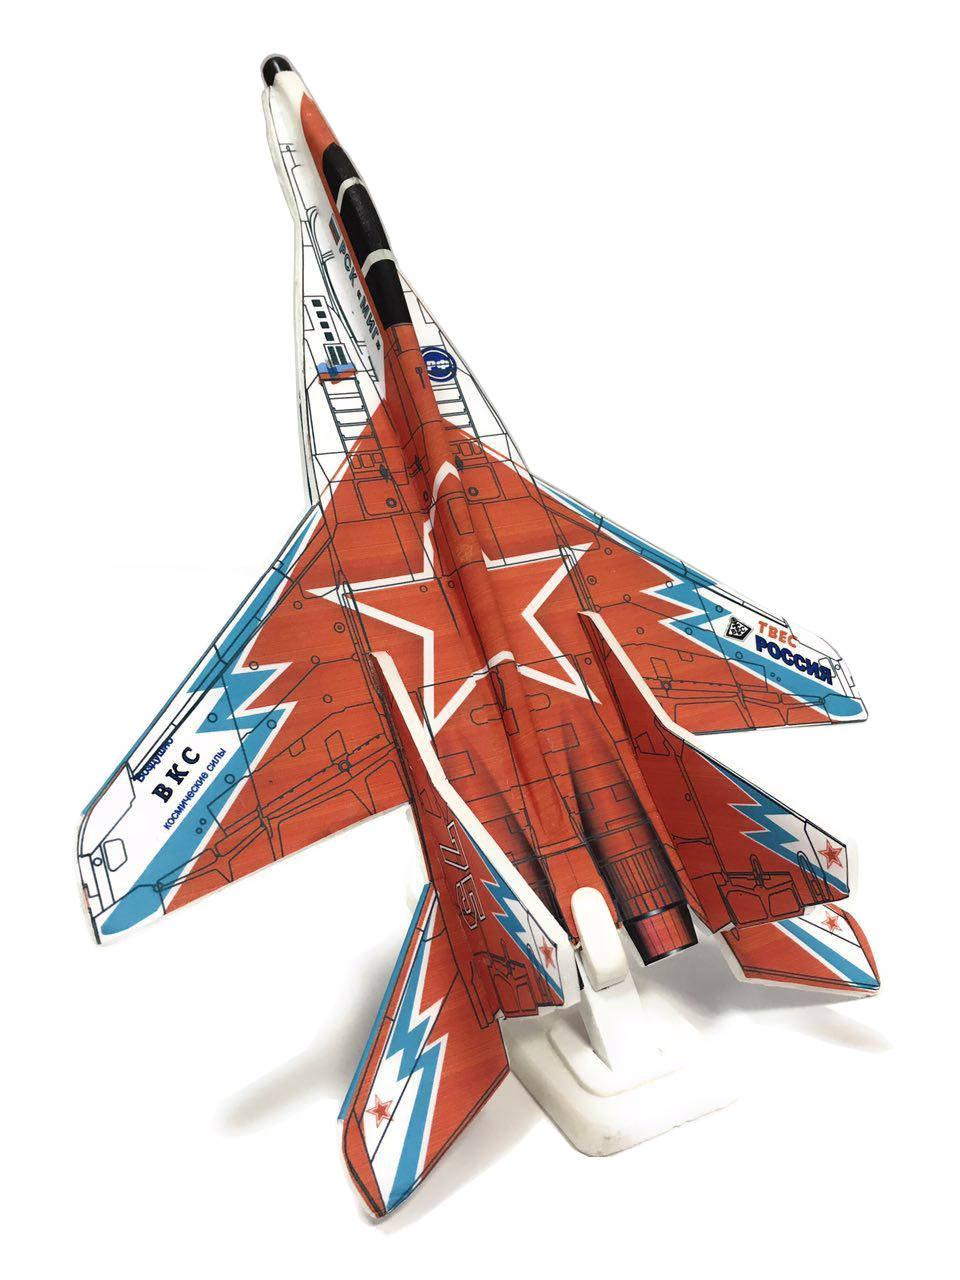 МИГ-29Замечательная модель самолета МИГ-29 от наших друзей – любителей авиамоделизма.Модель разработана командой энтузиастов на Тулиновском приборостроительном заводе, известном своими высокоточными приборами.